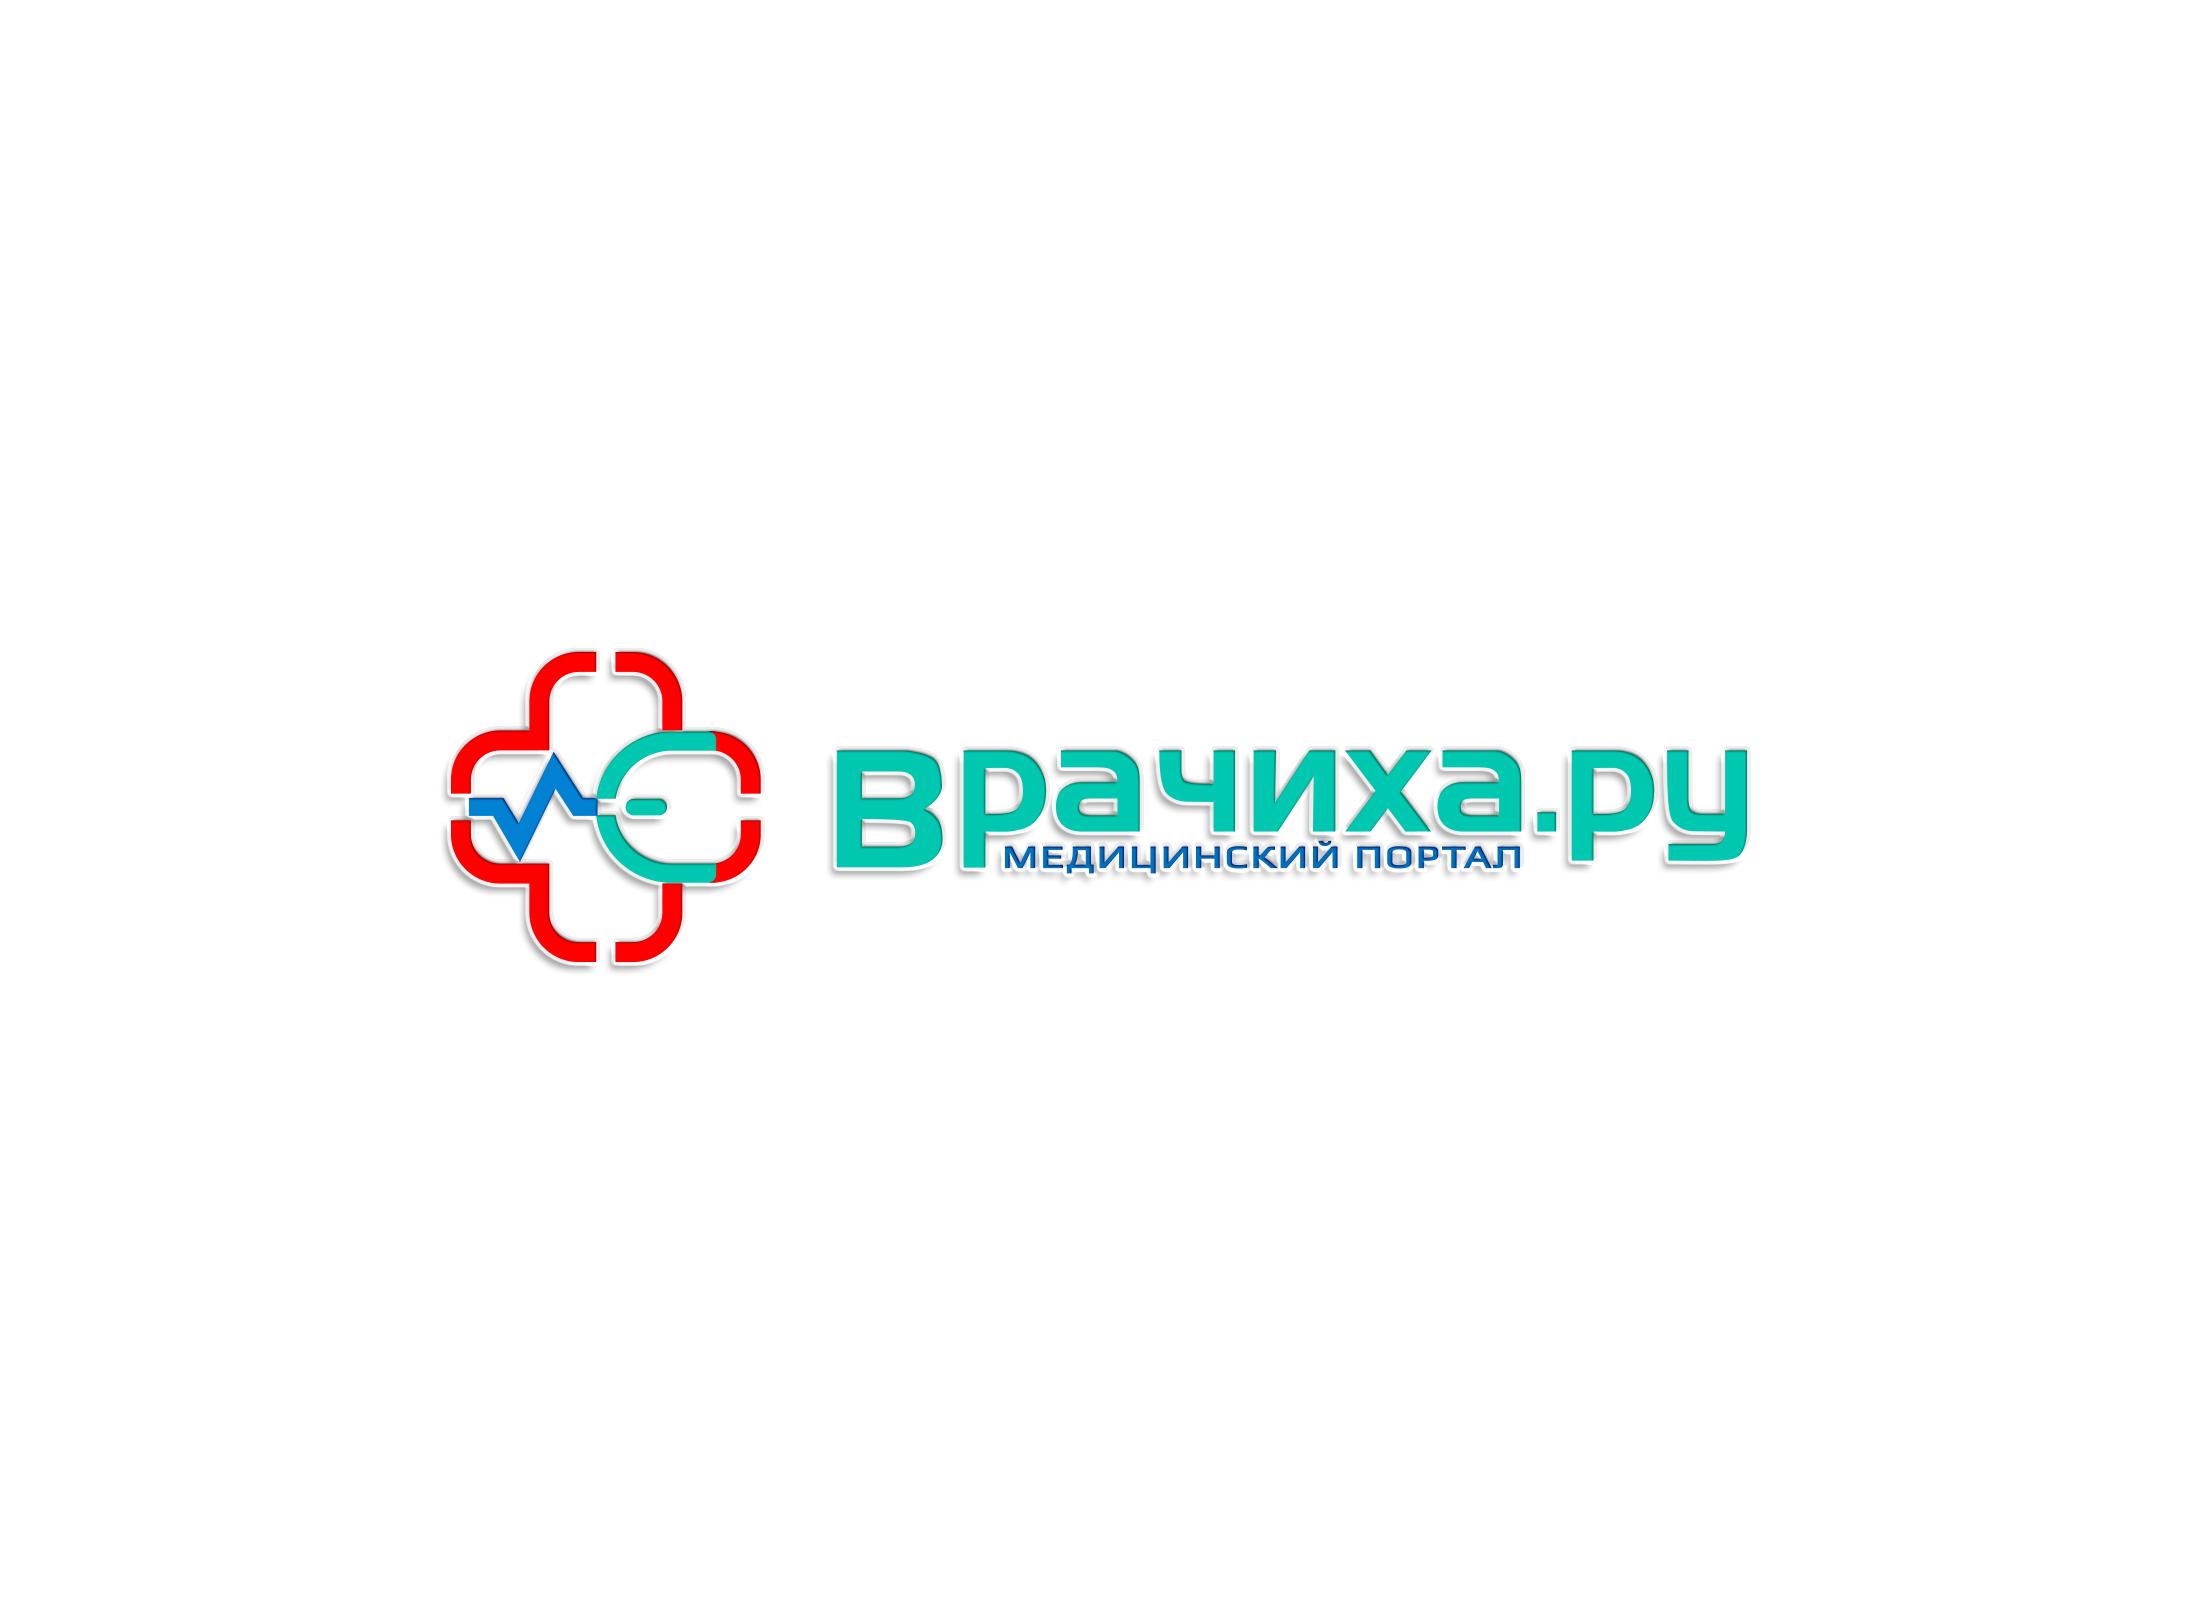 Необходимо разработать логотип для медицинского портала фото f_1575c08382f36d89.jpg